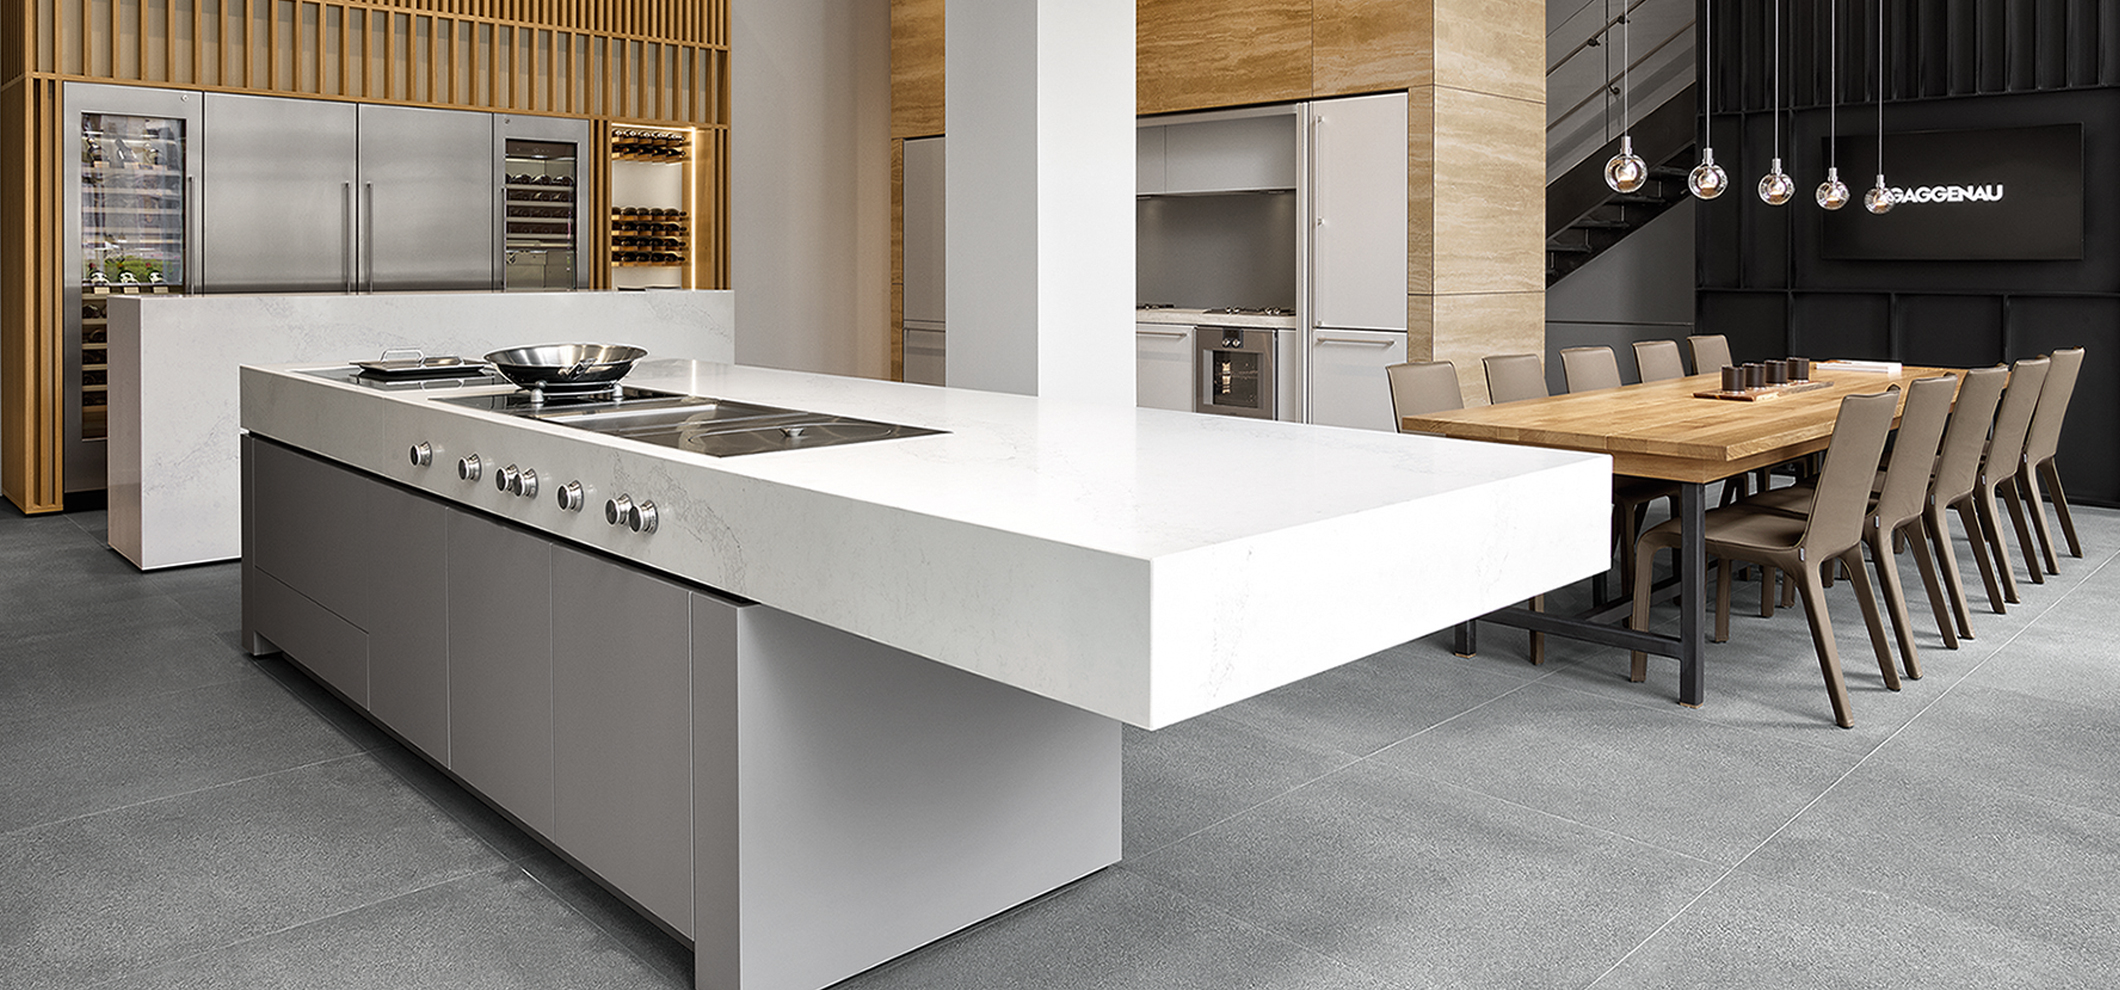 Küchensysteme küchensysteme architare